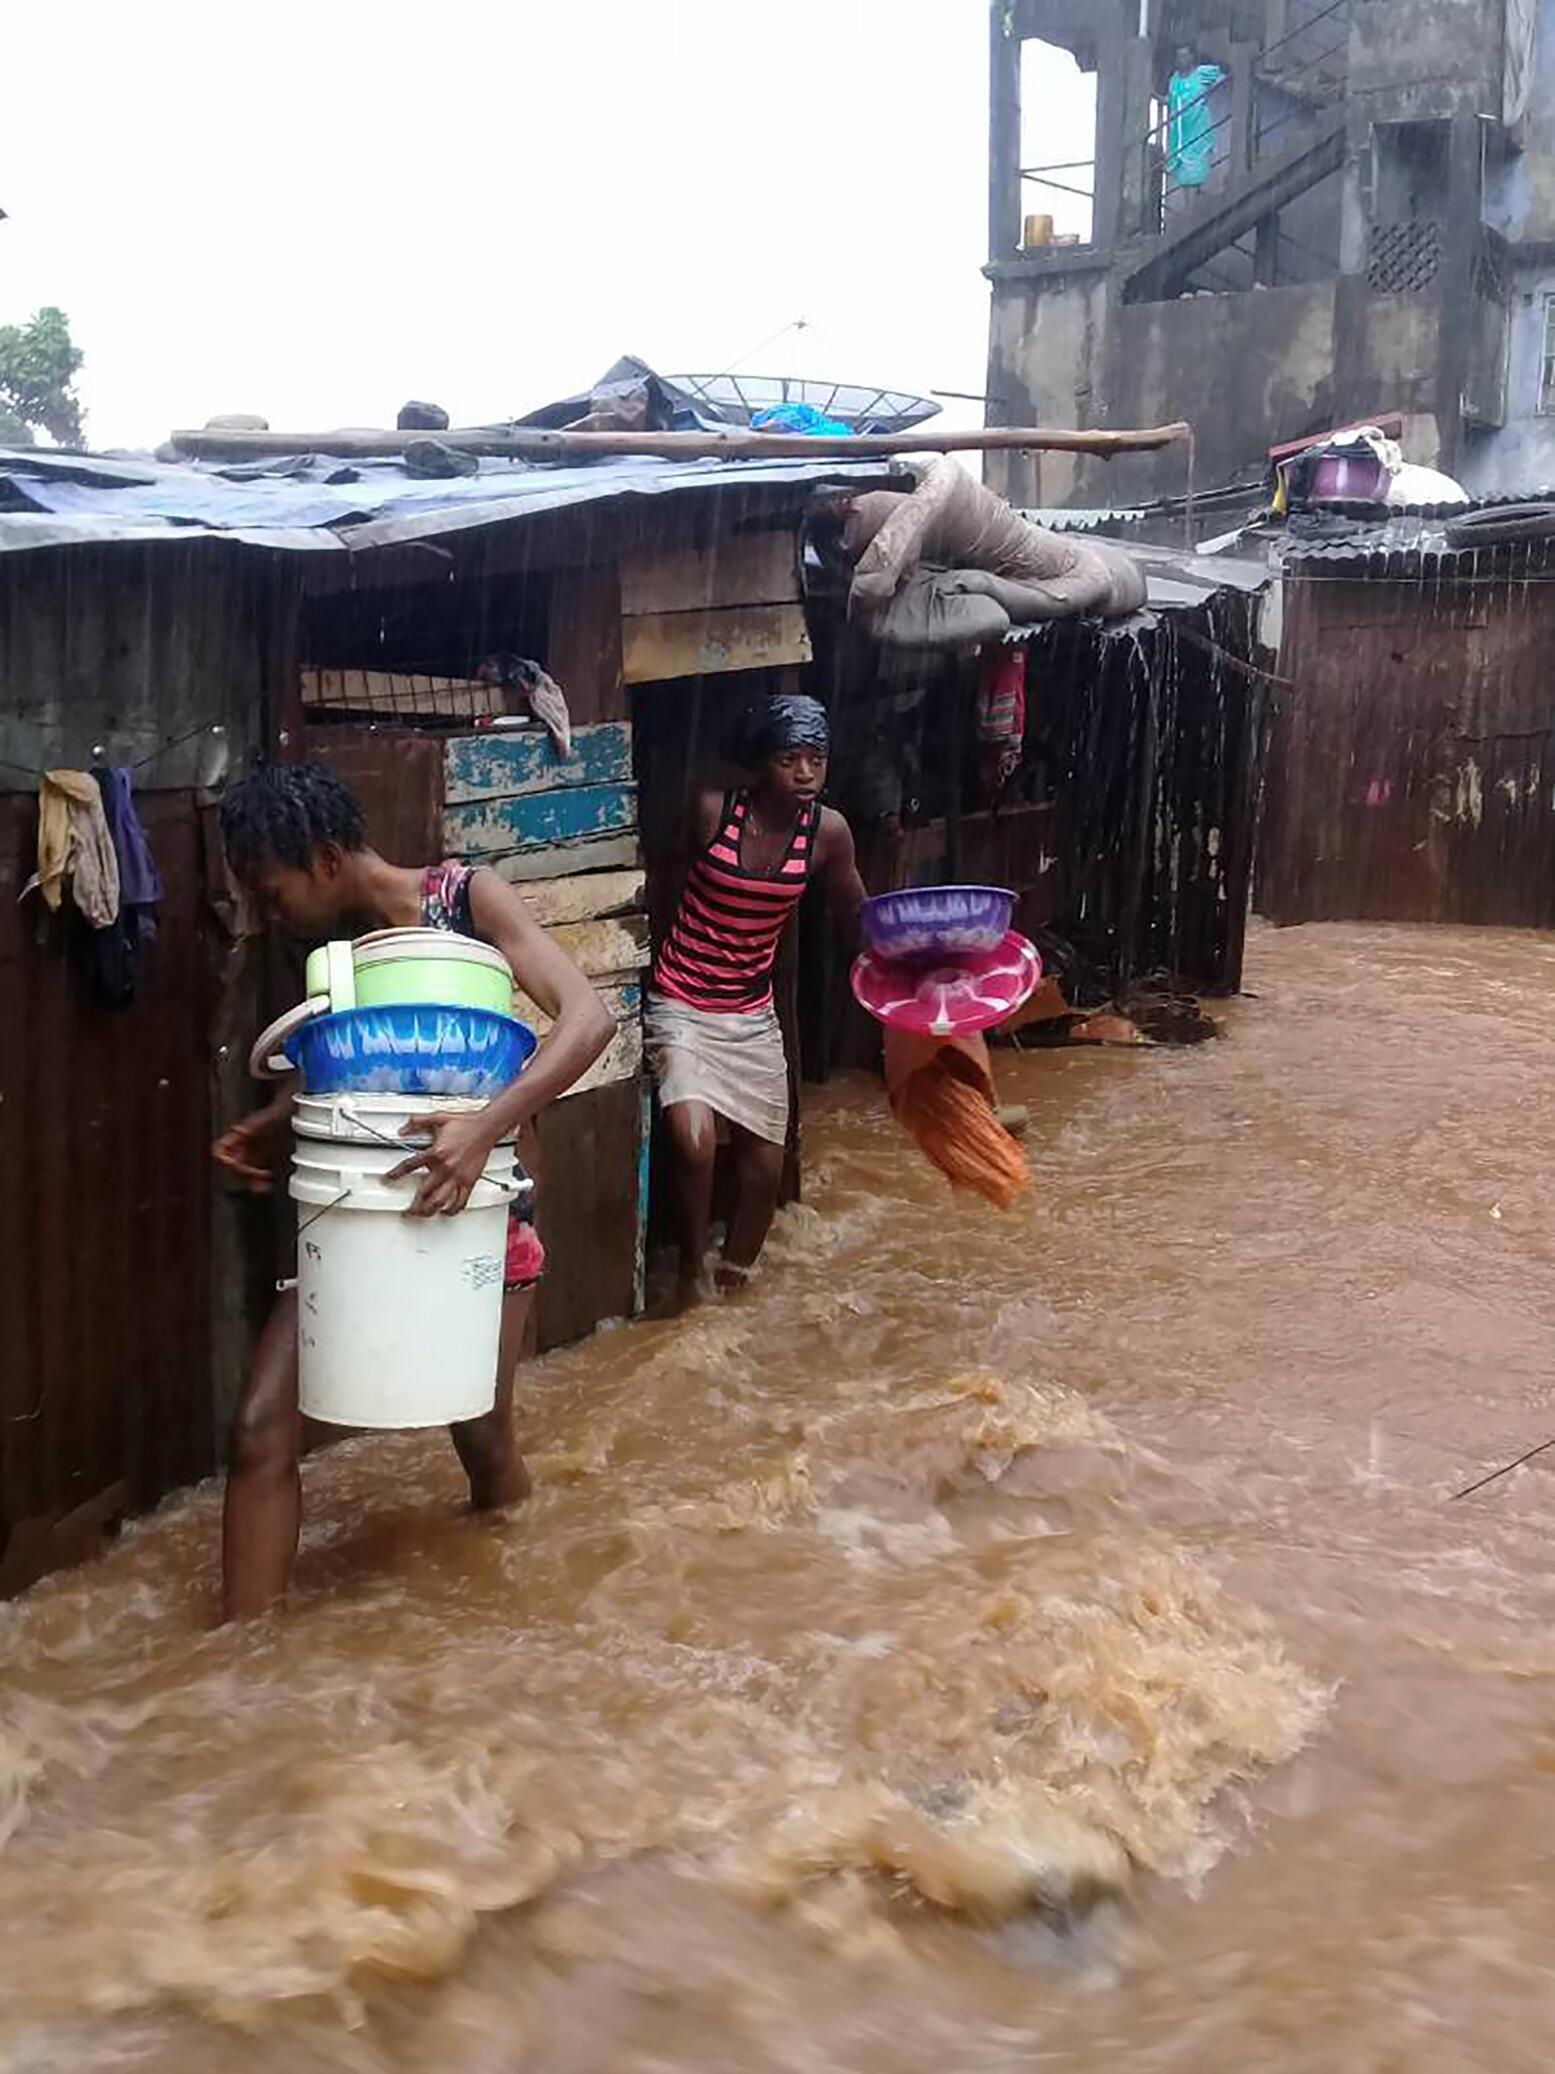 Wakazi wa eneo la Regent wakijaribu kukimbia kabla ya maporomoko, Jumatatuhii, Agosti 14, nje kidogo ya mji wa Freetown.